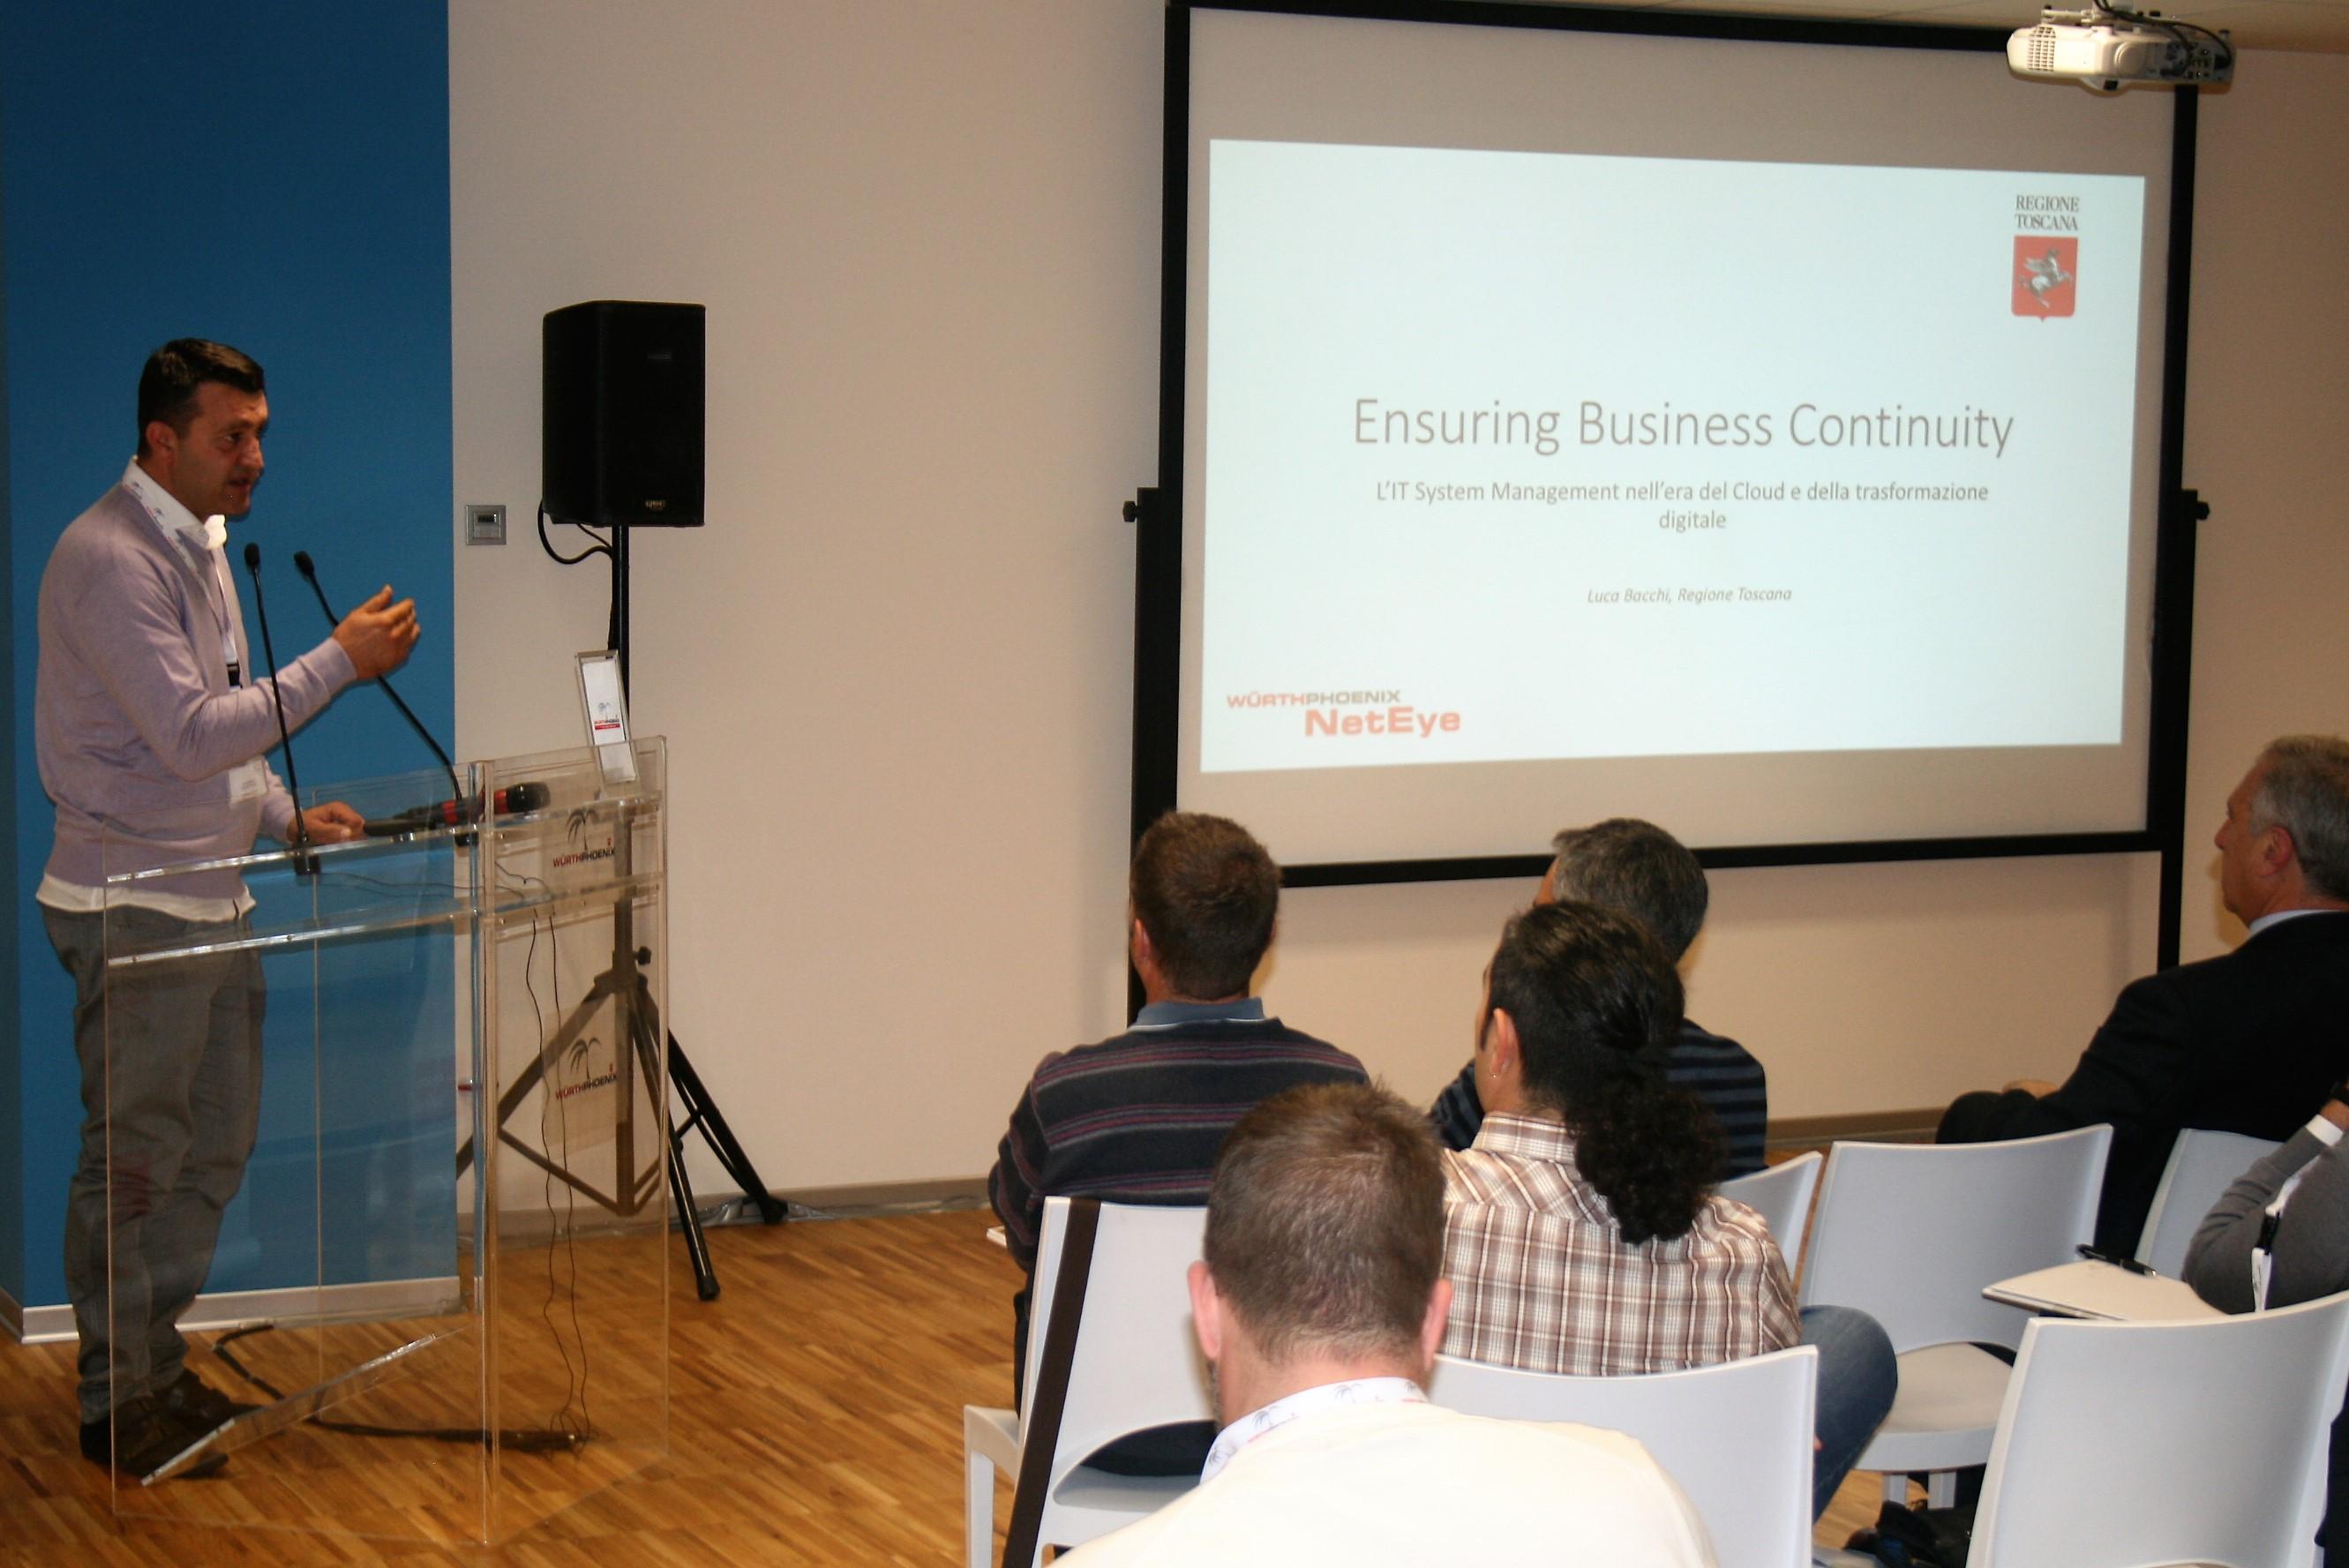 Luca Bacchi spiega come NetEye venga utilizzato per garantire la business continuity in Regione Toscana